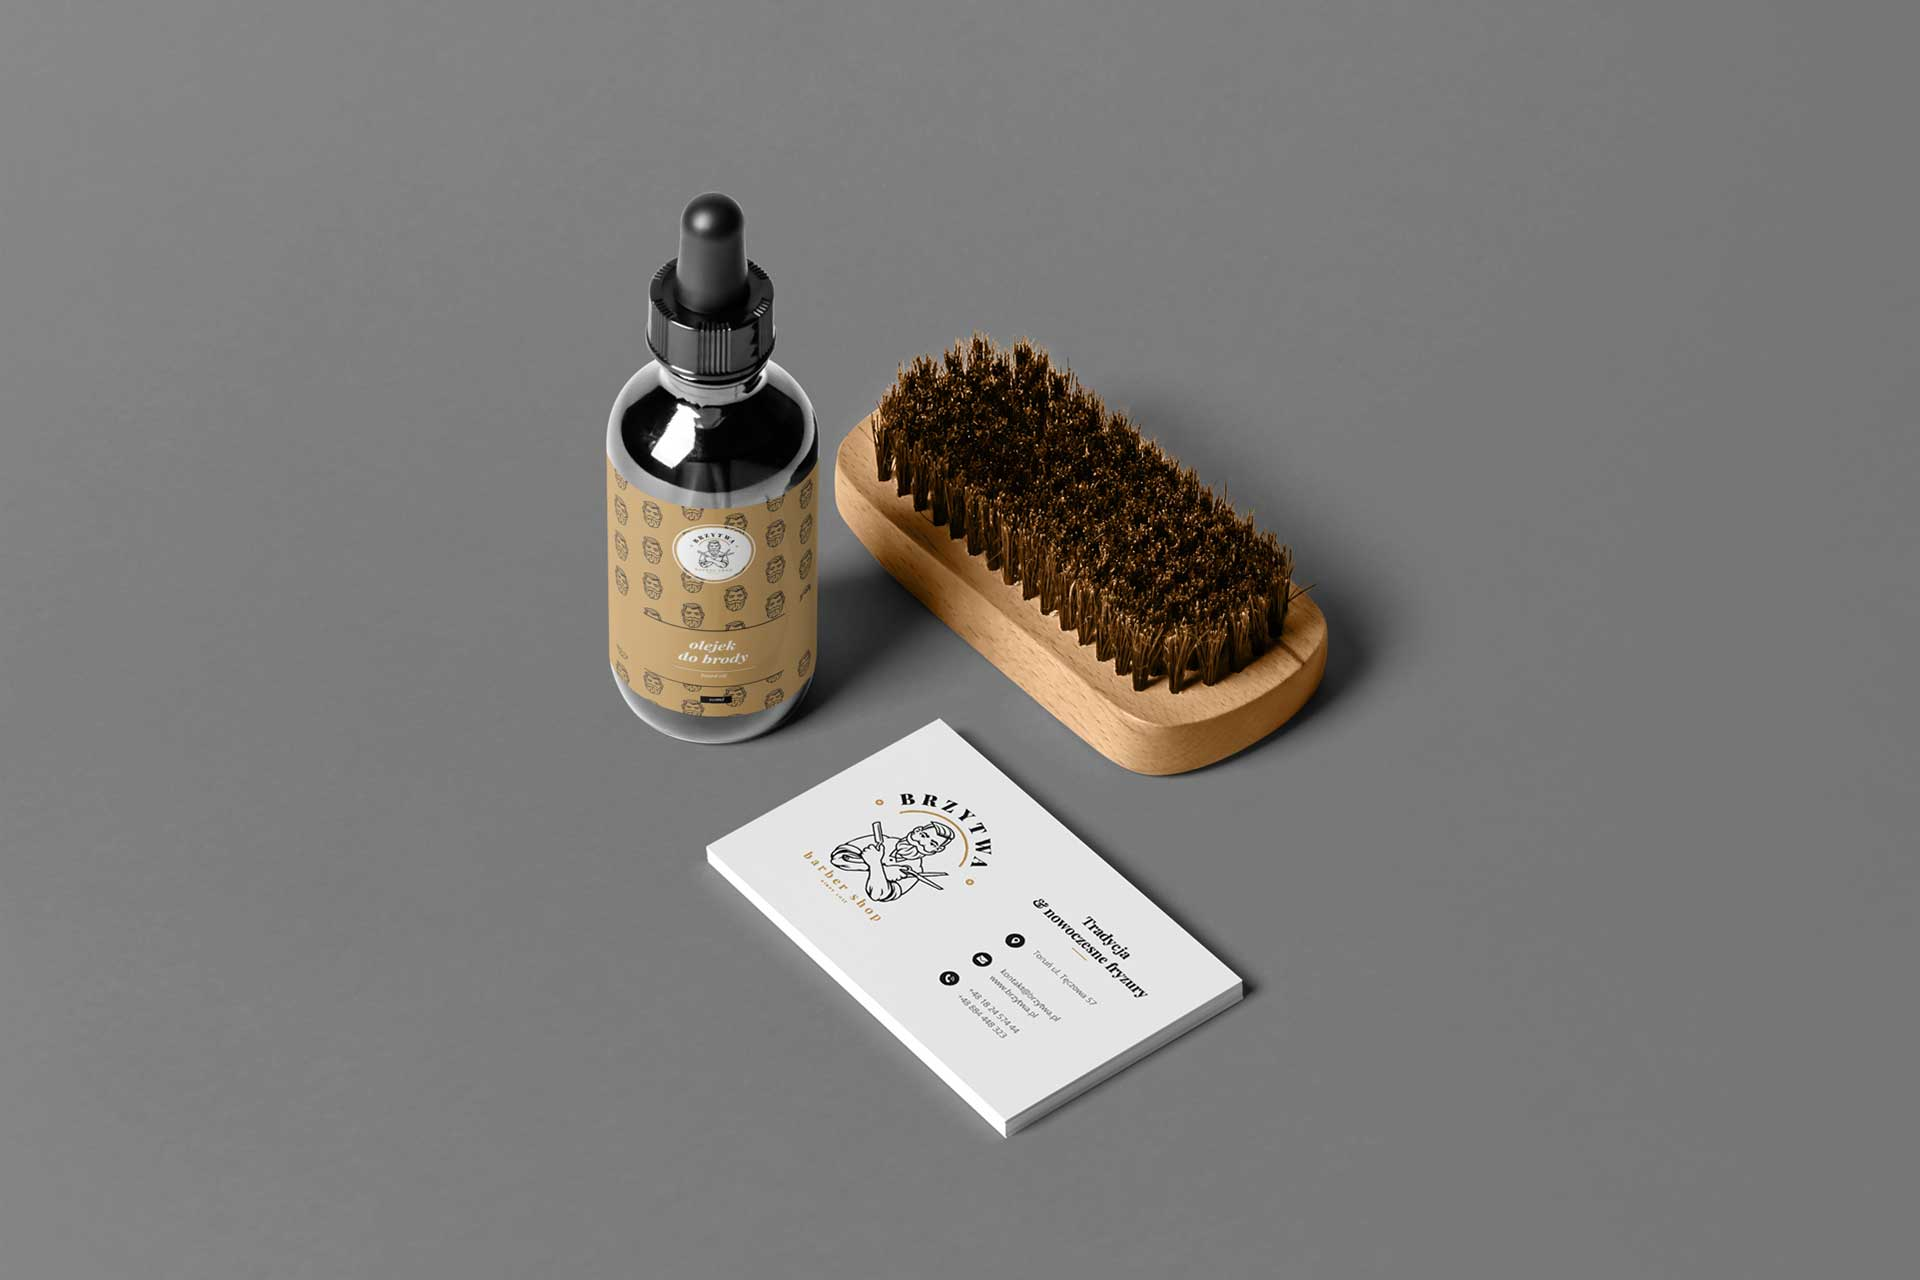 Identyfikacja wizualna w Cobance Studio - case study Brzytwa BarberShop identyfikacja wizualna barber 6